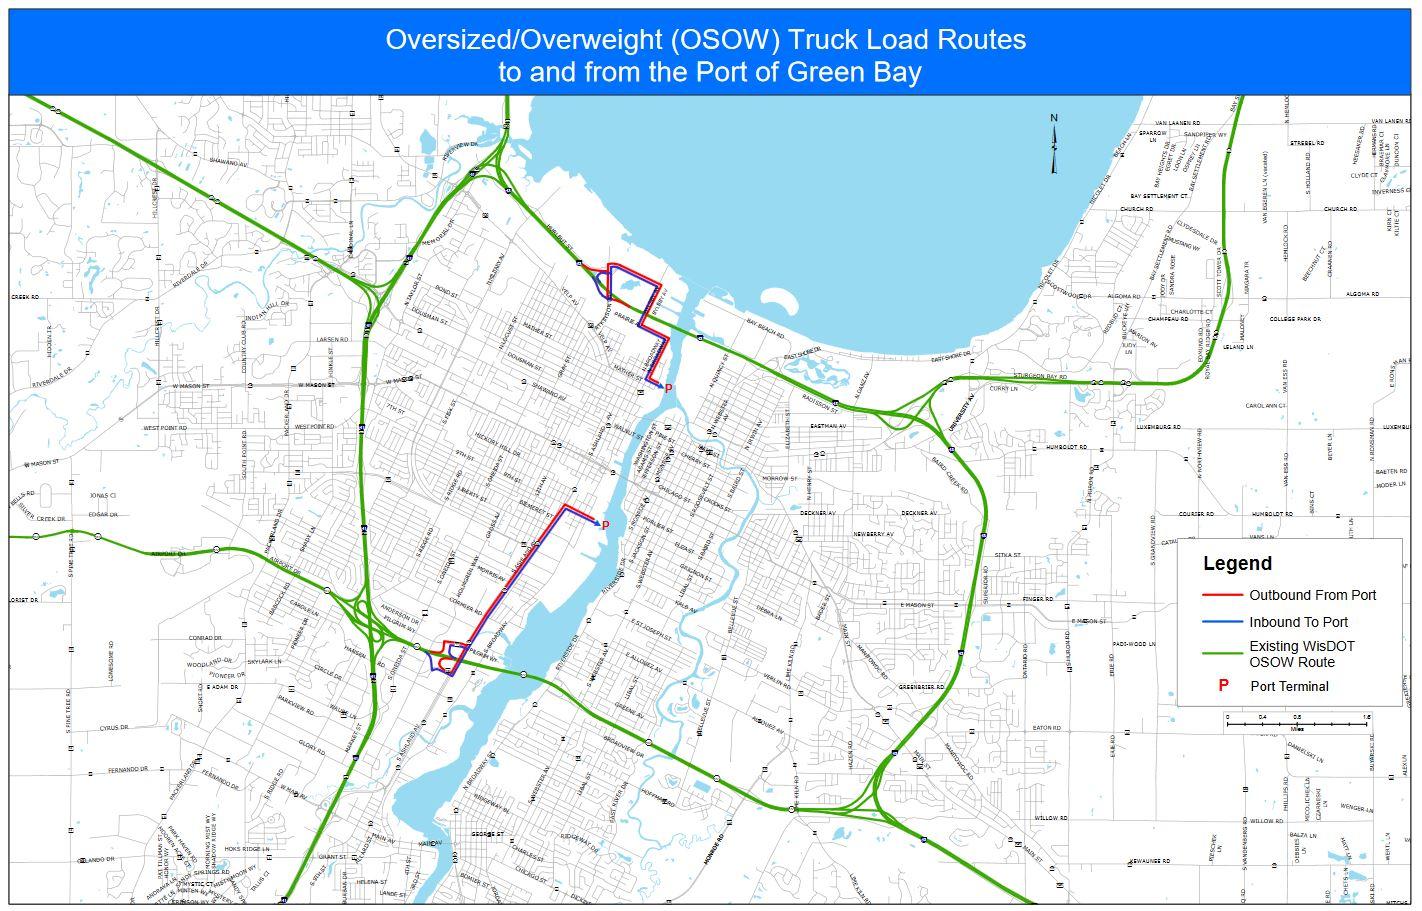 OSOW_Routes.JPG